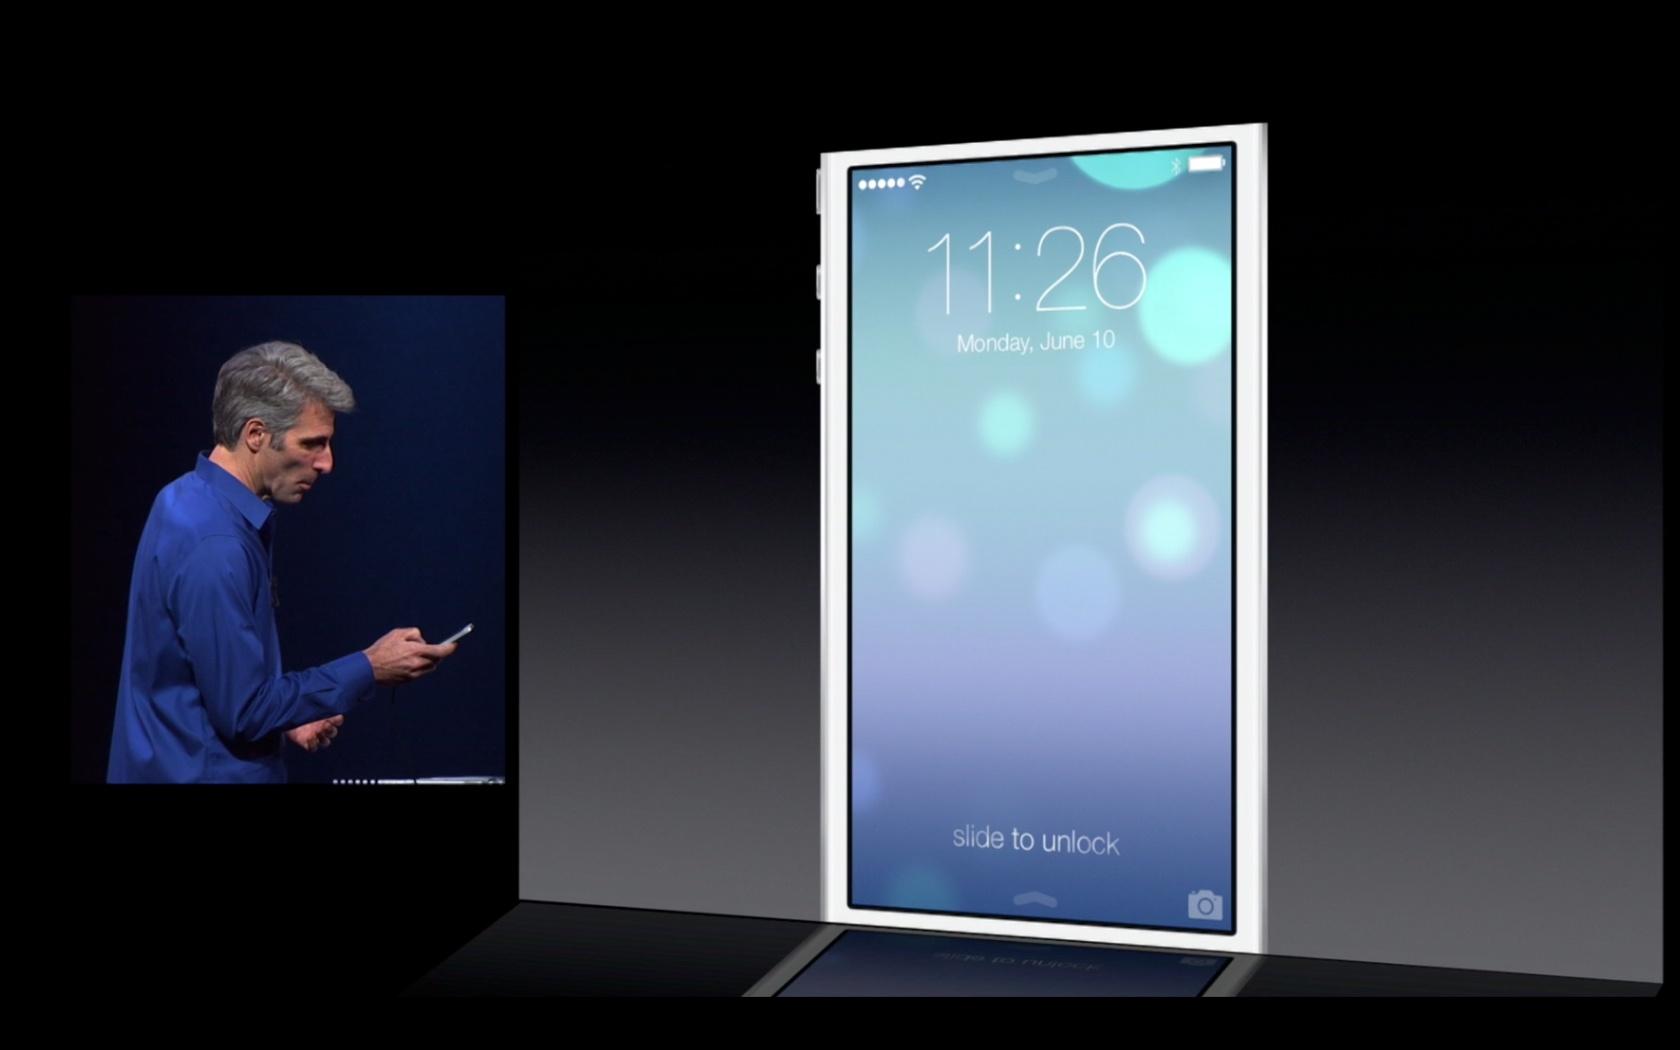 Nuovo Evento Apple per la presentazione del prossimo iPhone previsto per il 10 Settembre